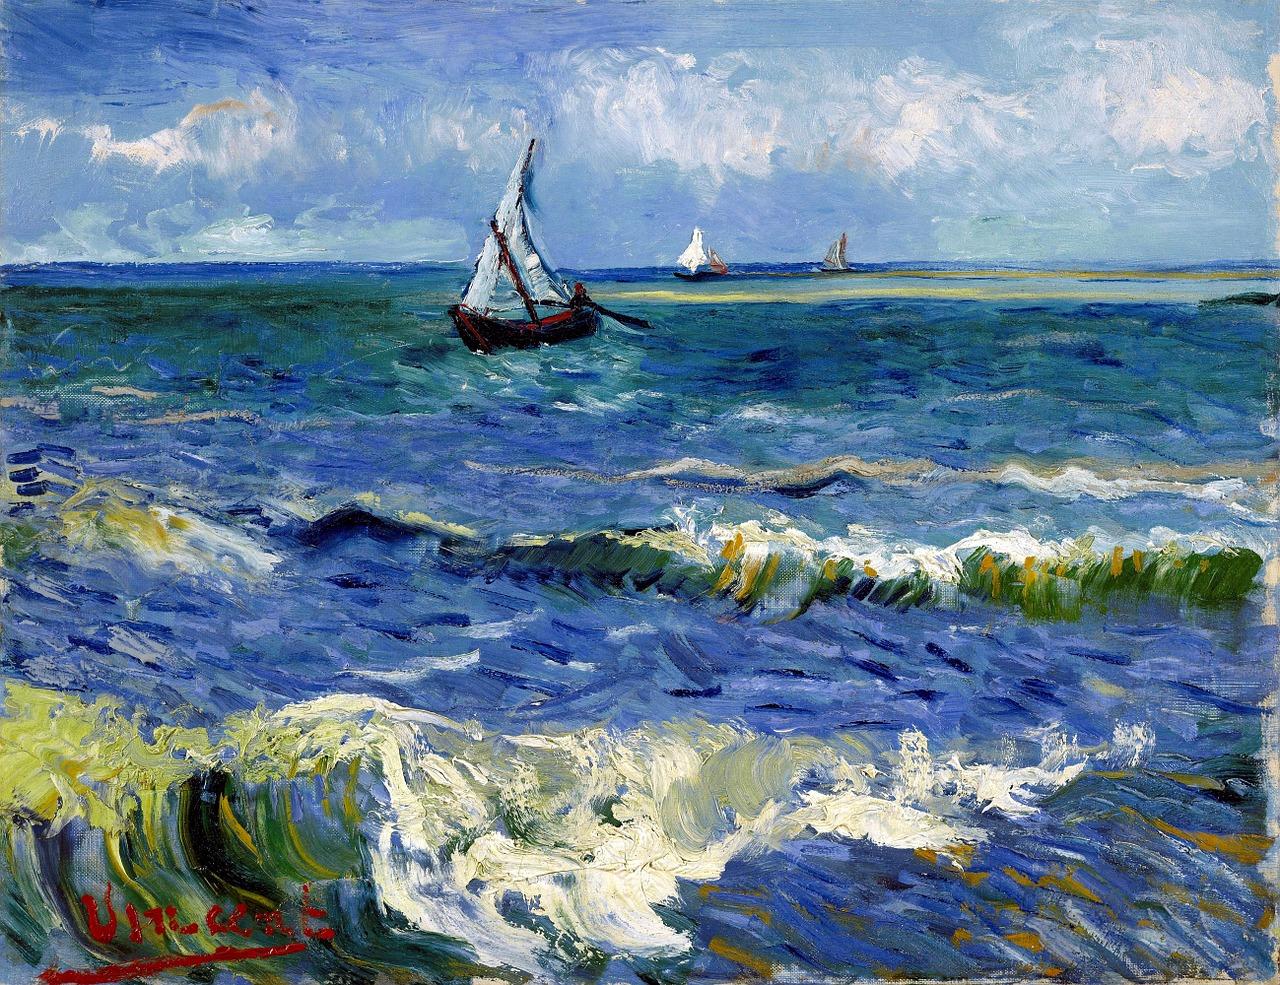 Obrazy marynistyczne    Hołd sztuki dla morza